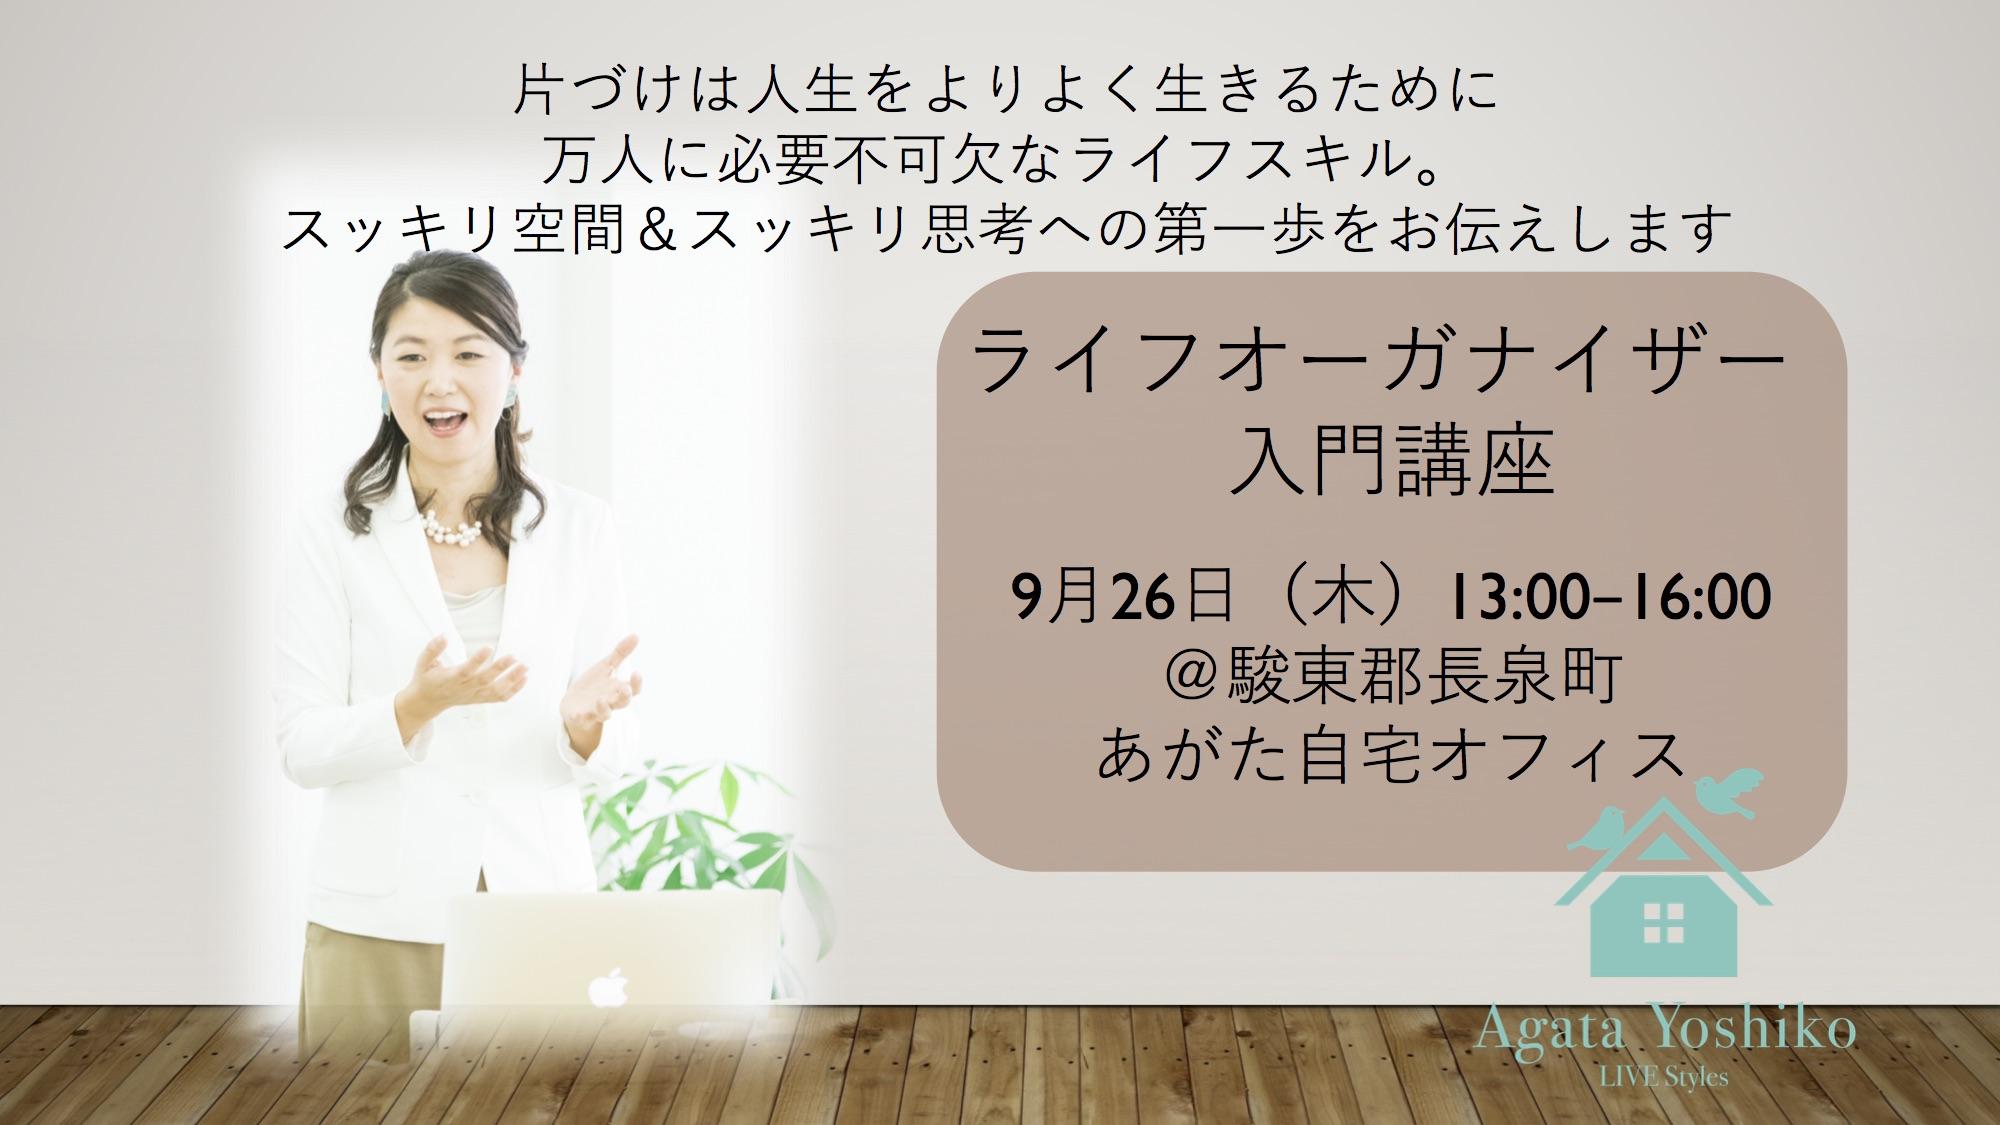 【残席1】ライフオーガナイザー入門講座@駿東郡長泉町